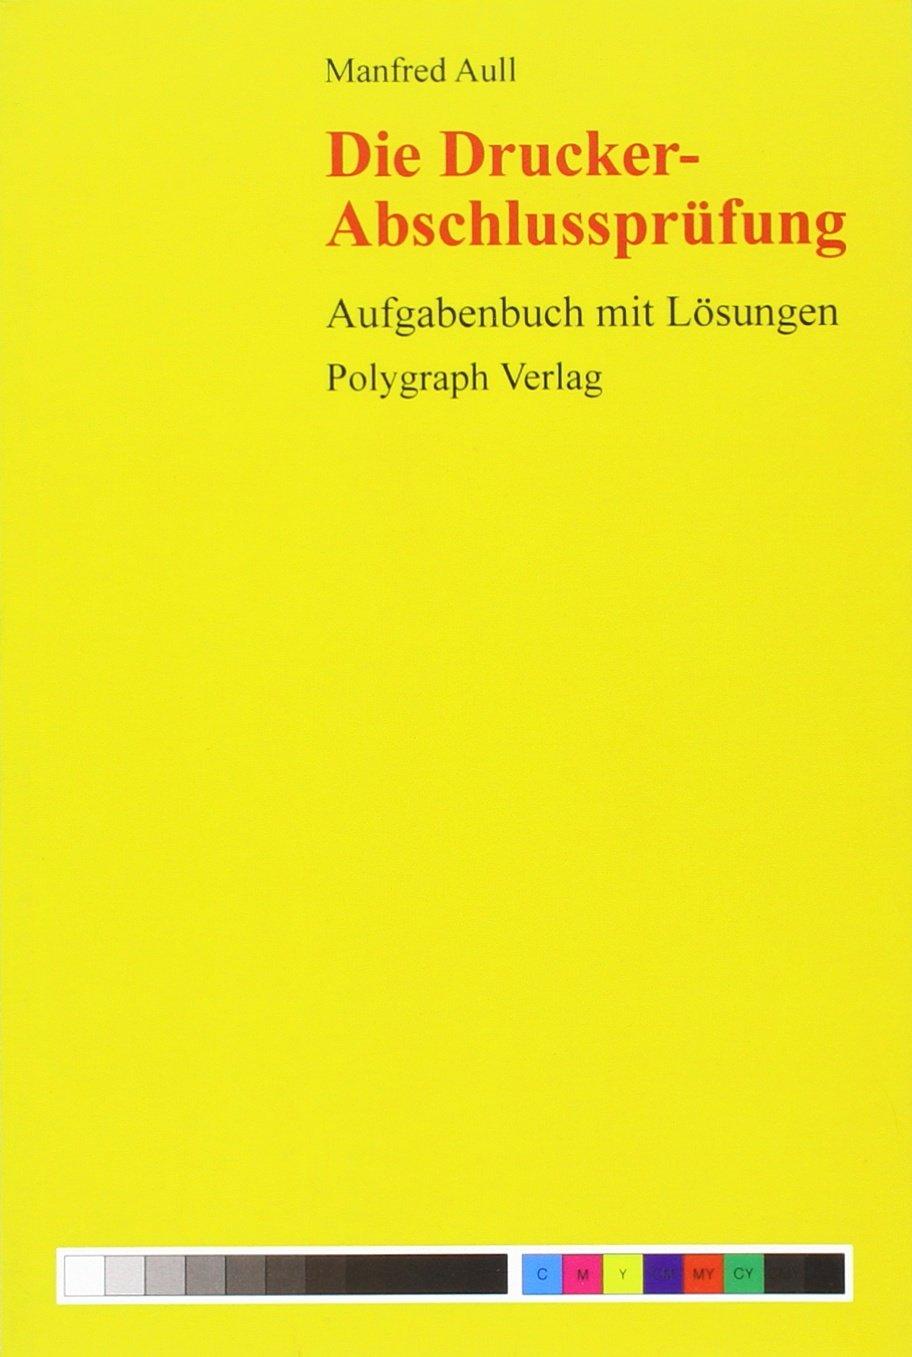 Die Drucker-Abschlussprüfung: Aufgabenbuch mit Lösungen Taschenbuch – 1. Januar 2000 Manfred Aull Polygraph Fachmedien 393493837X Berufsschulbücher